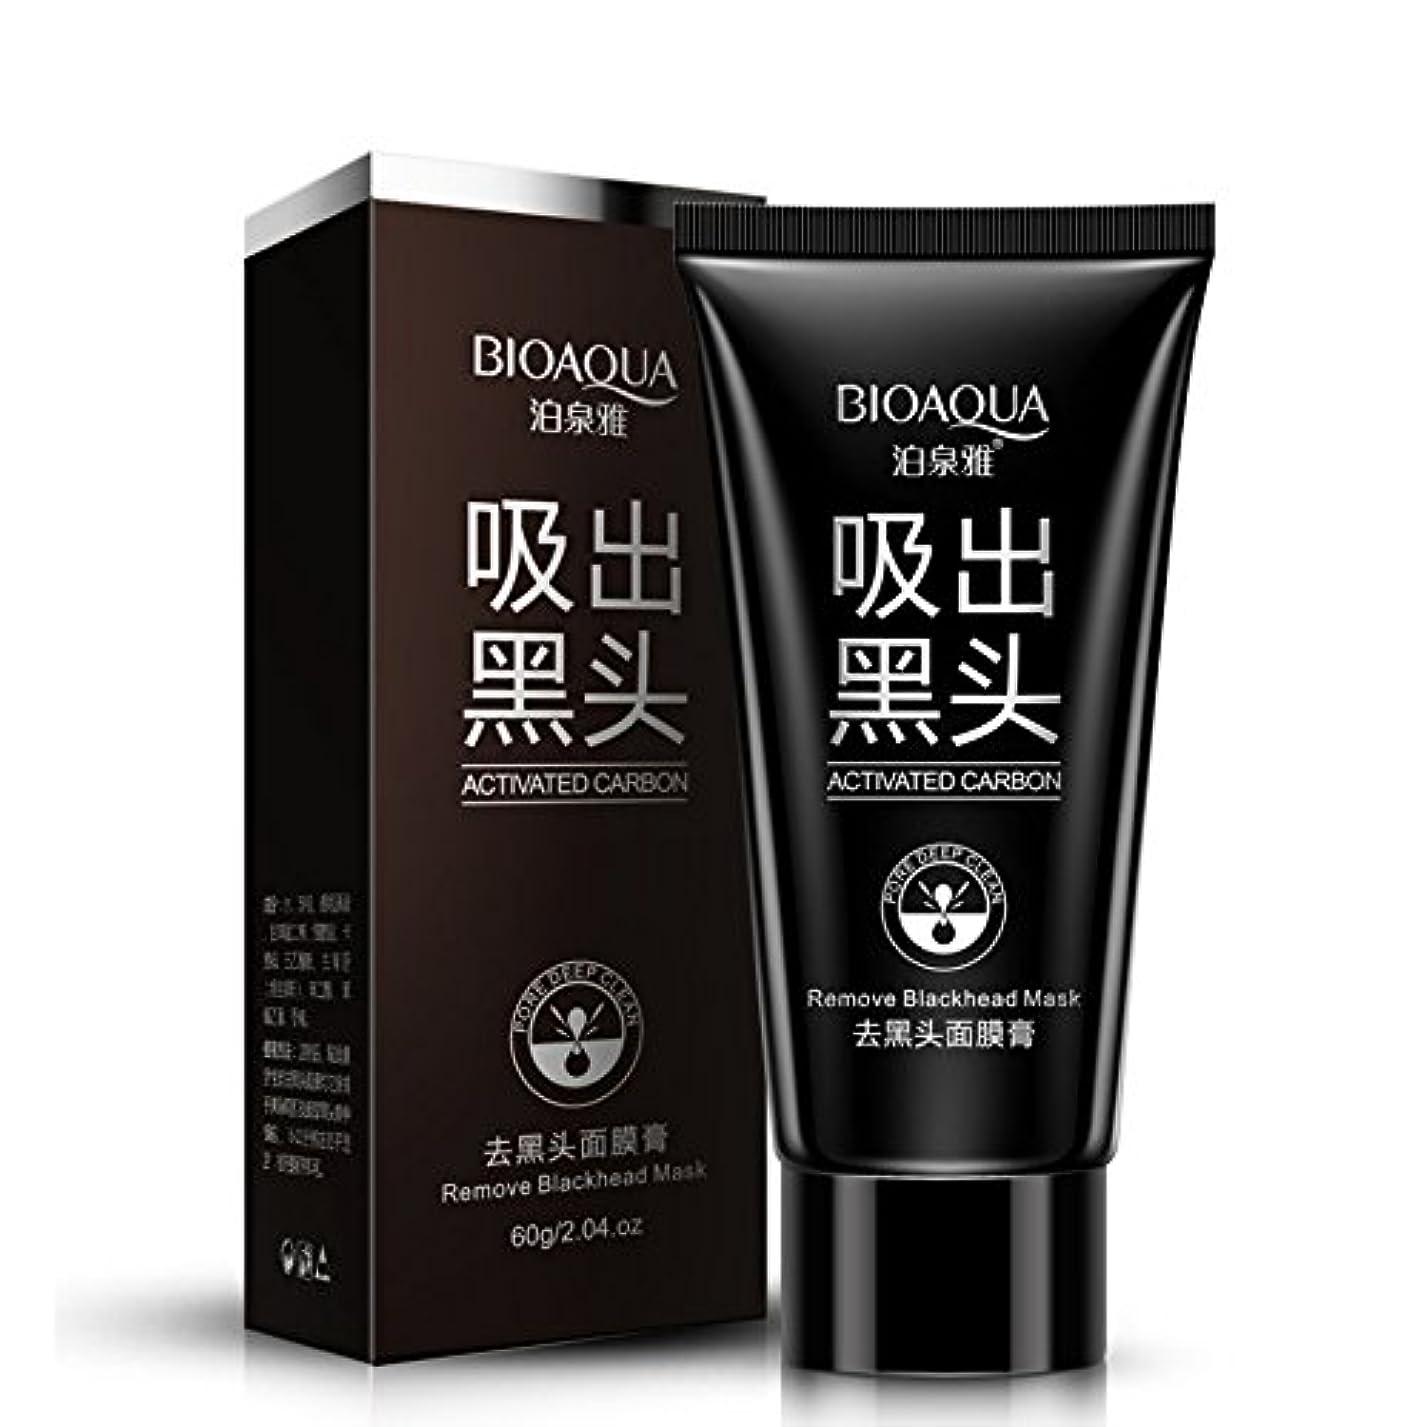 防止赤字意味するSuction Black Mask Shrink Black Head Spots Pores,Face Mask Blackhead Removal Blackheads Cosmetics Facials Moisturizing...